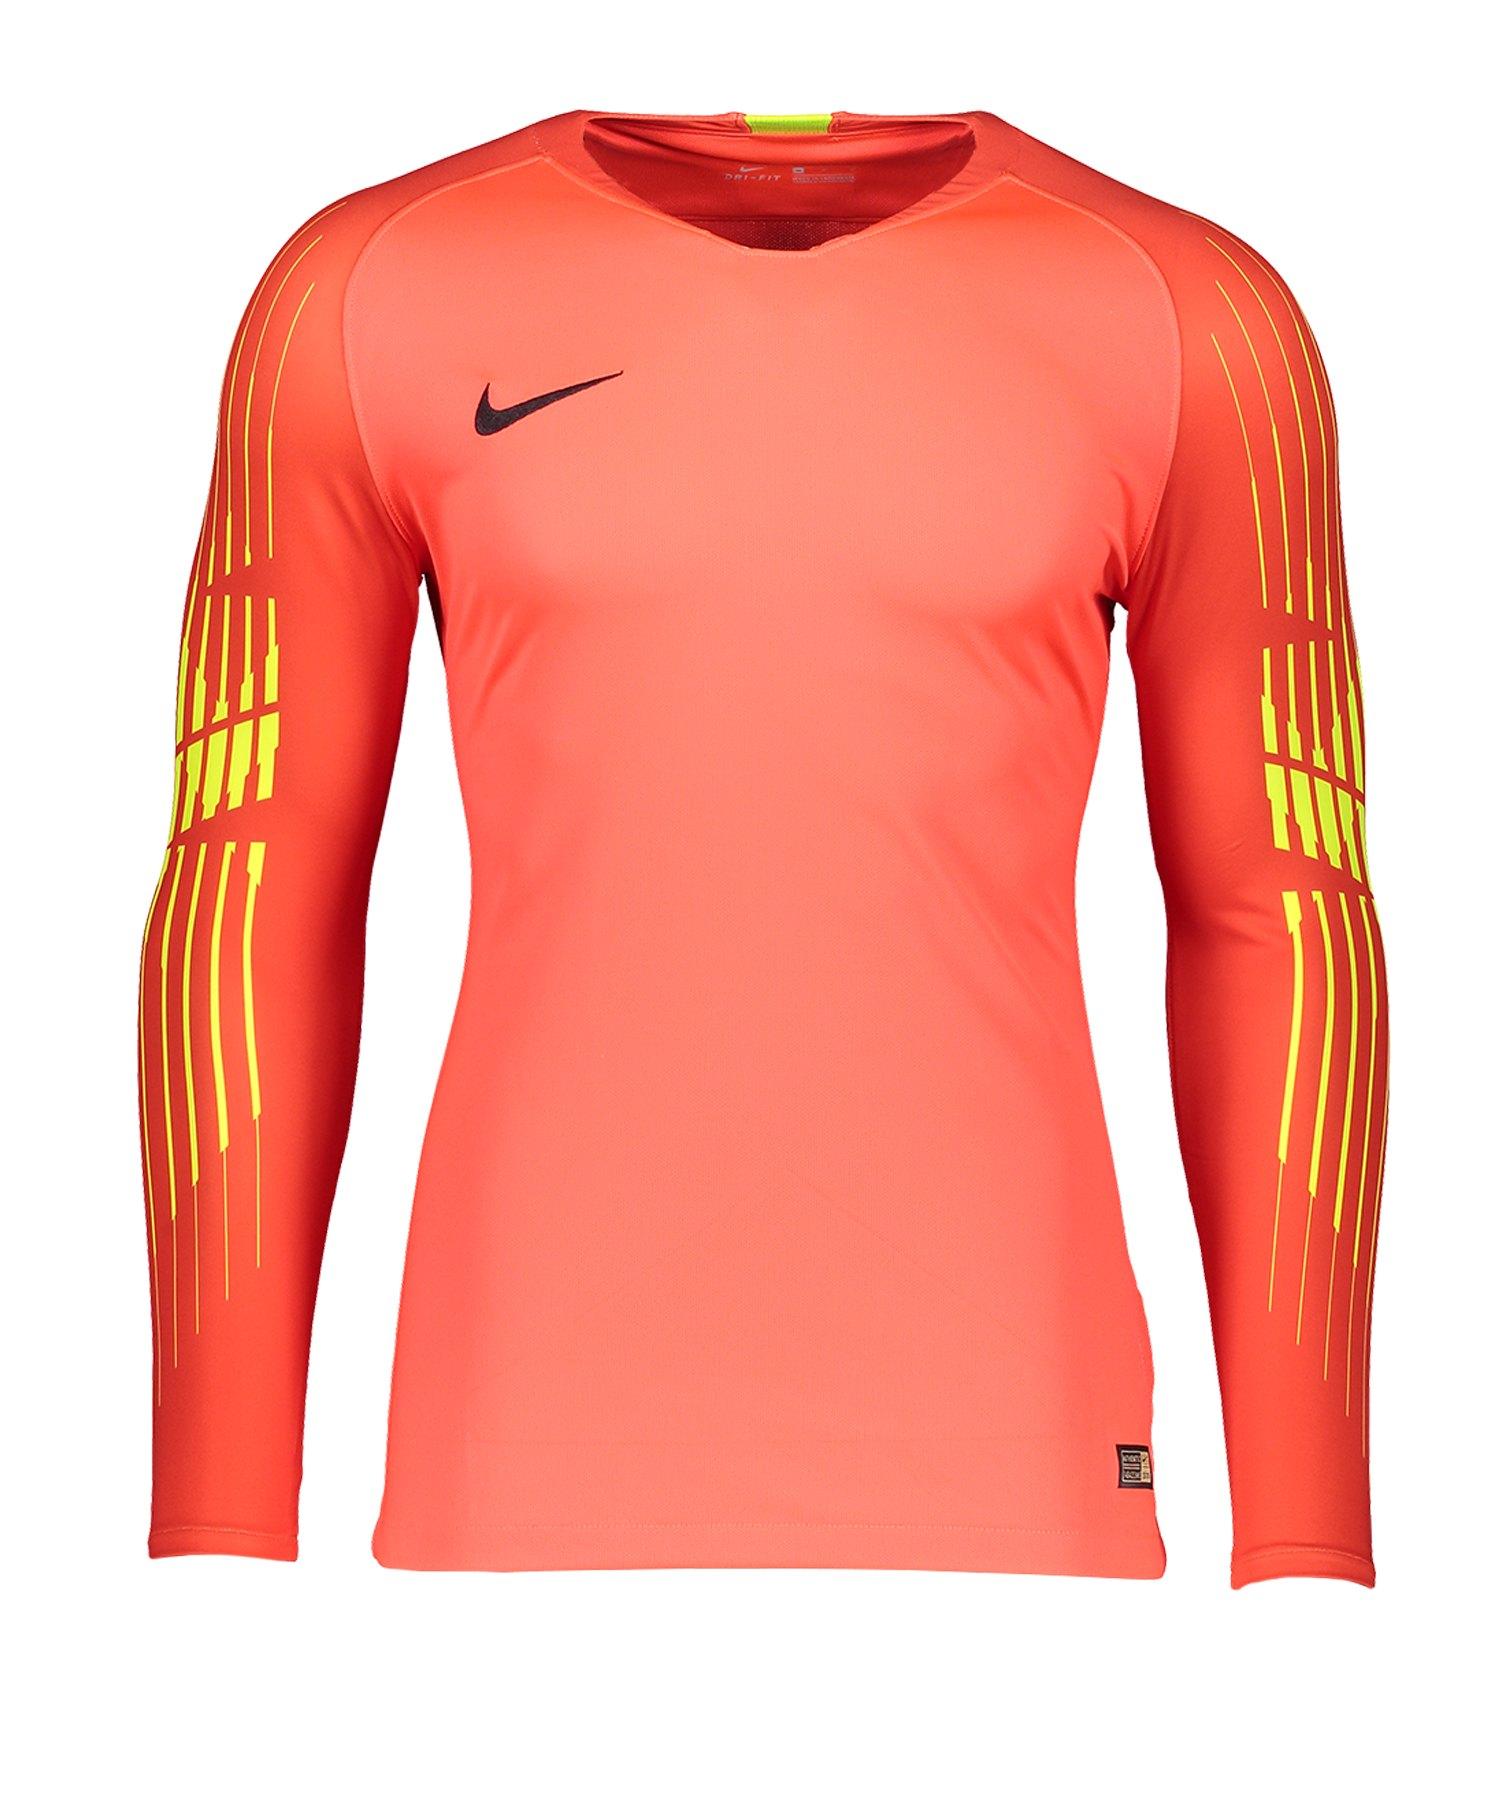 Nike Promo Torwarttrikot langarm Rot F671 - rot